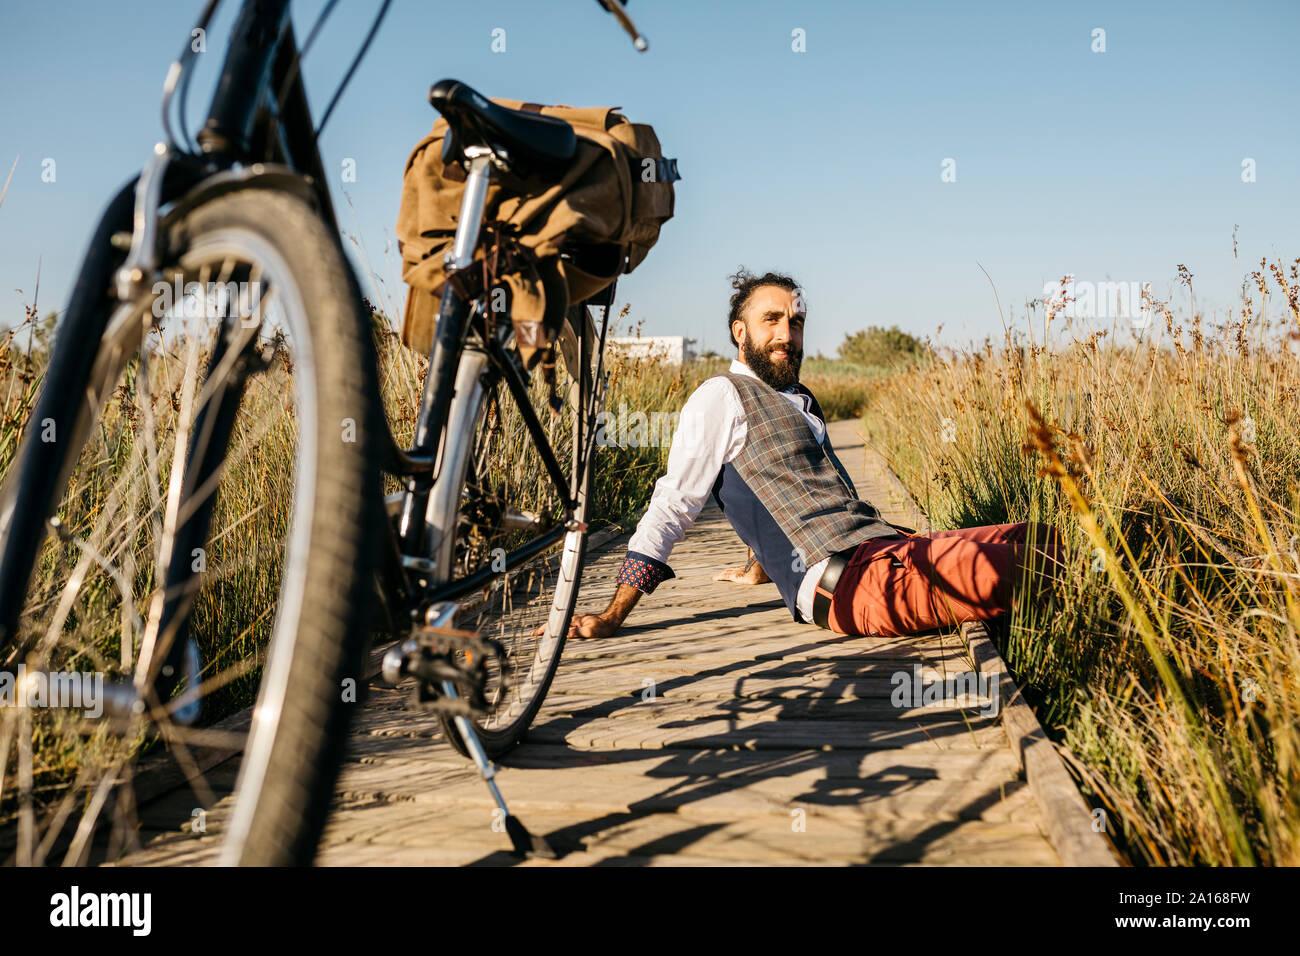 Ben vestito uomo seduto su una passerella di legno in campagna accanto a una bicicletta Foto Stock